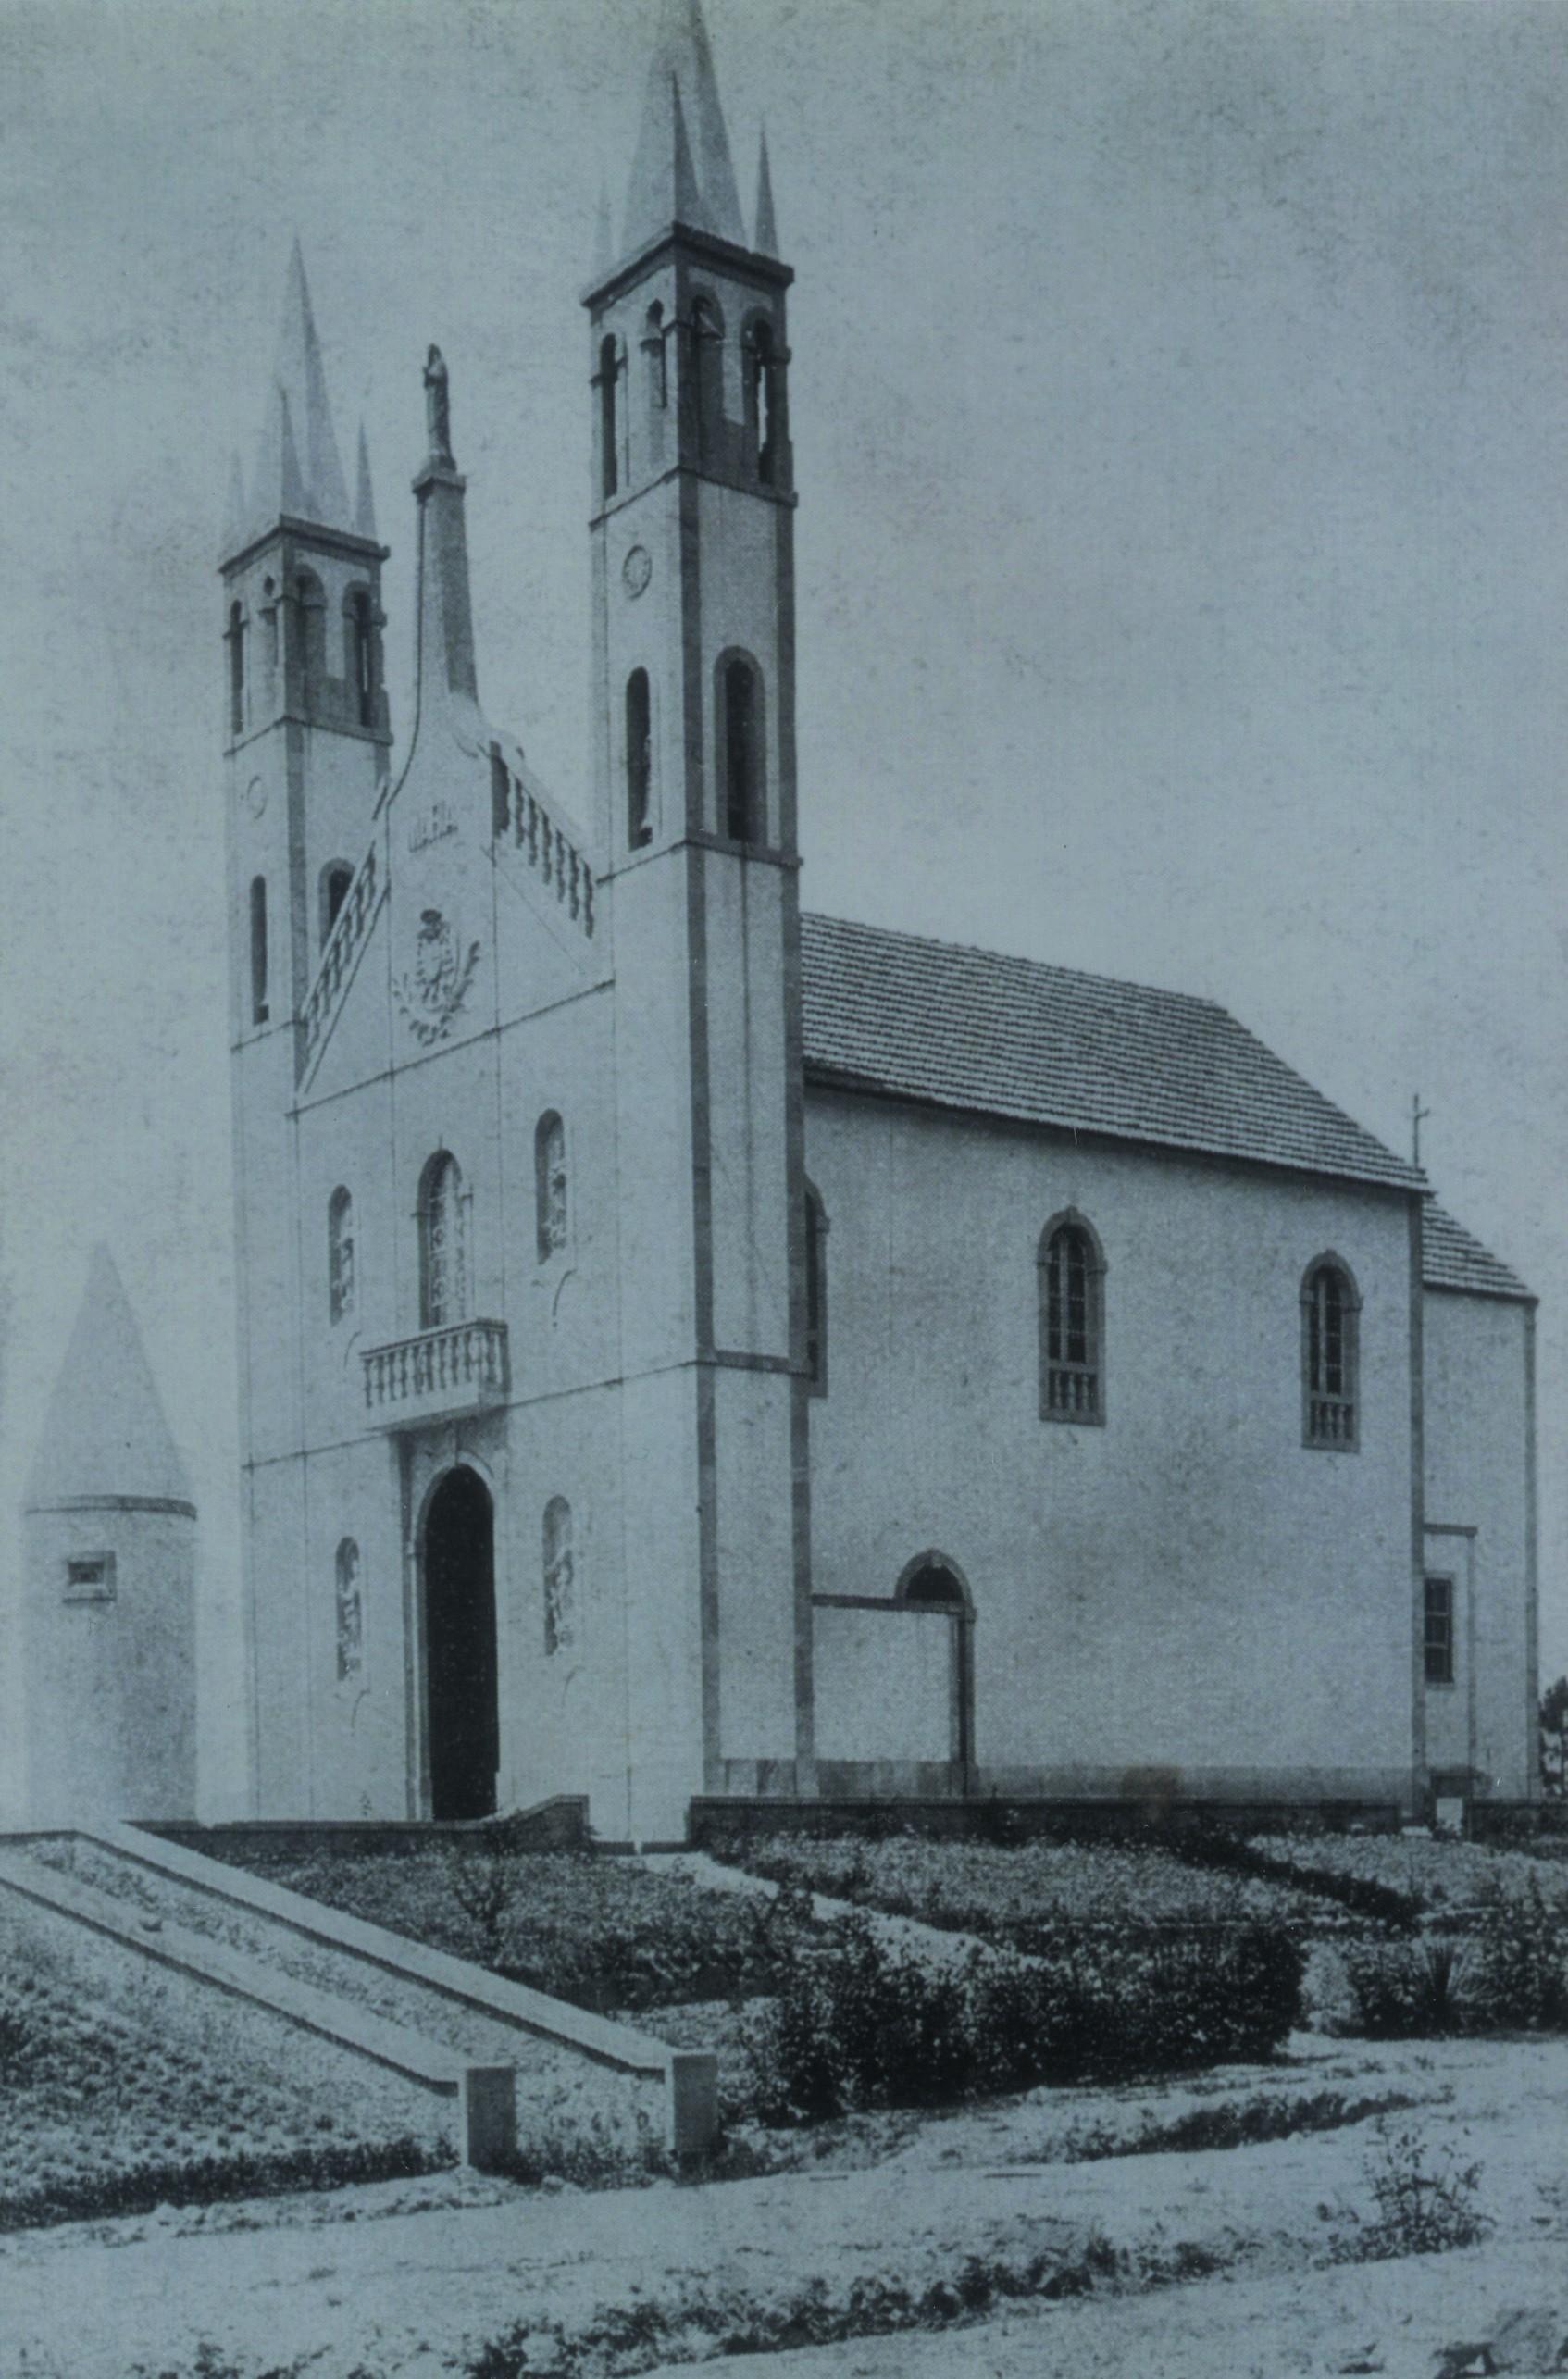 Capela do Santuário, Carregosa (1910)